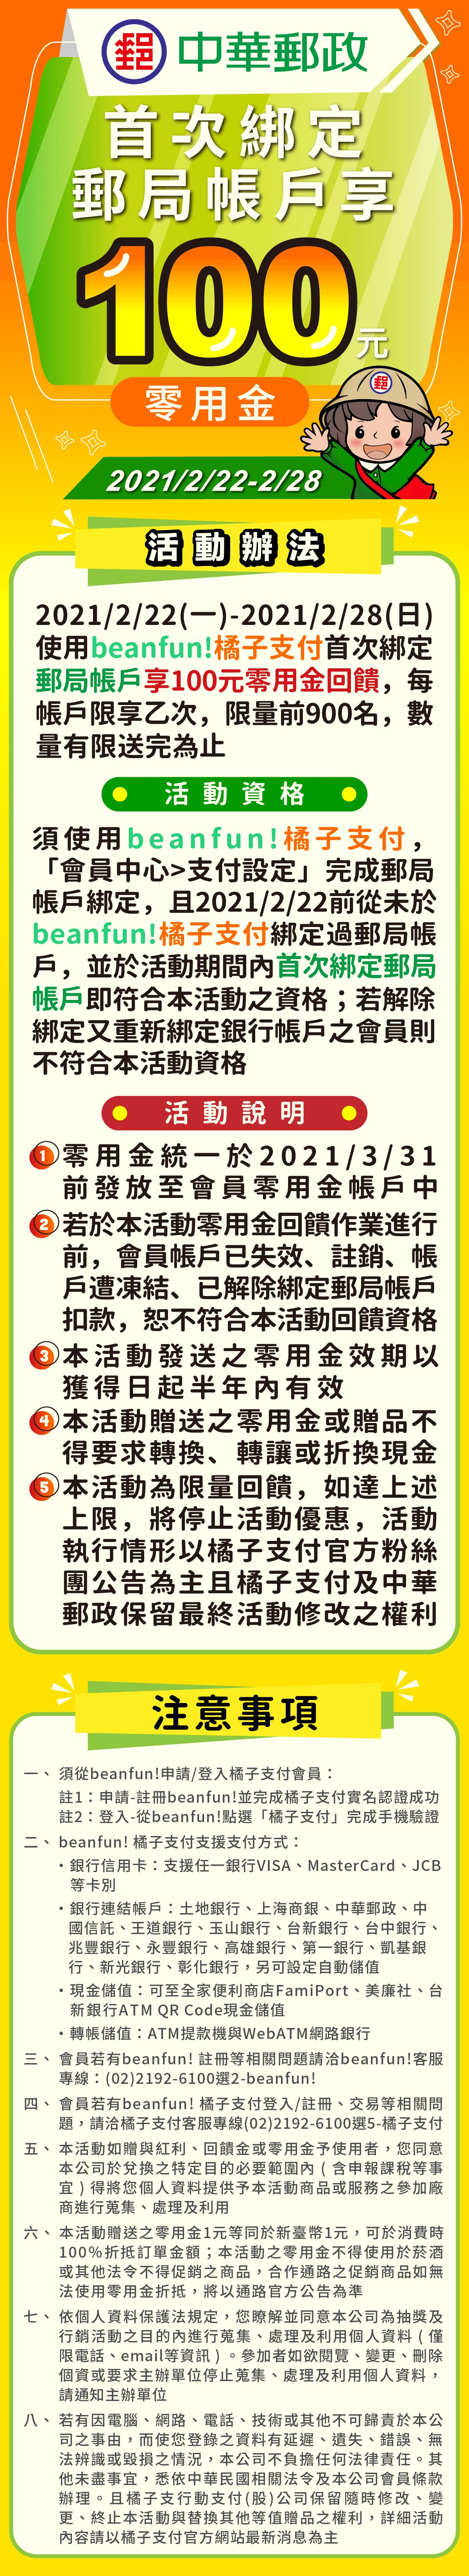 [情報] beanfun橘子支付首綁郵局帳戶享100零用金